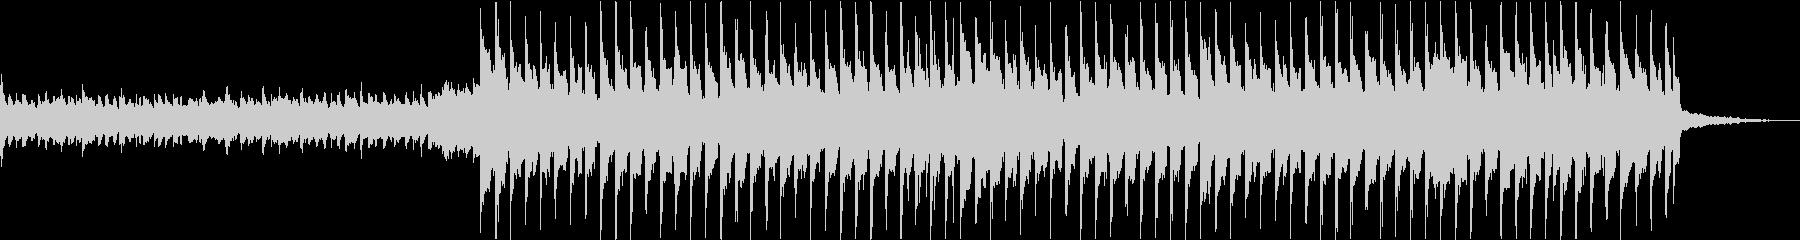 爽やかなギターアルペジオのUK風ポップスの未再生の波形